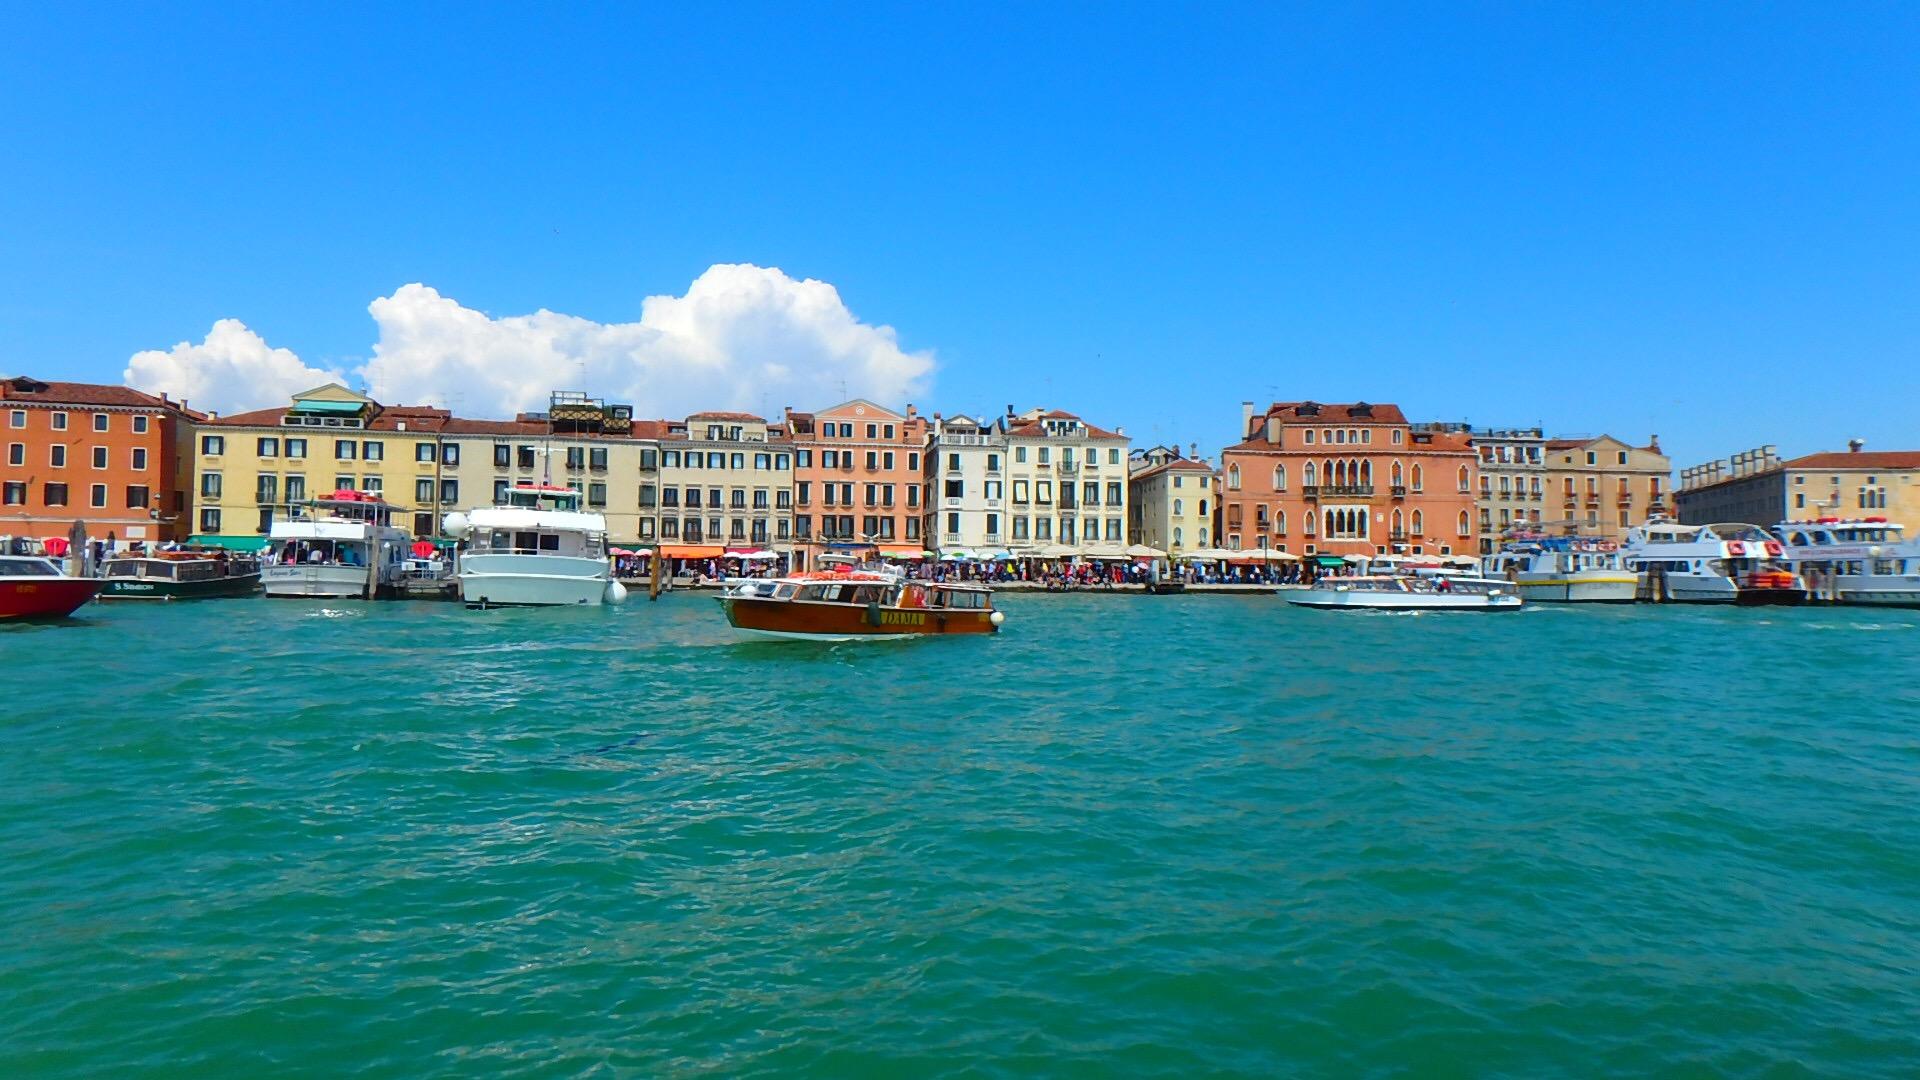 ベネチア海の上のフェリーから眺めるベネチアの風景